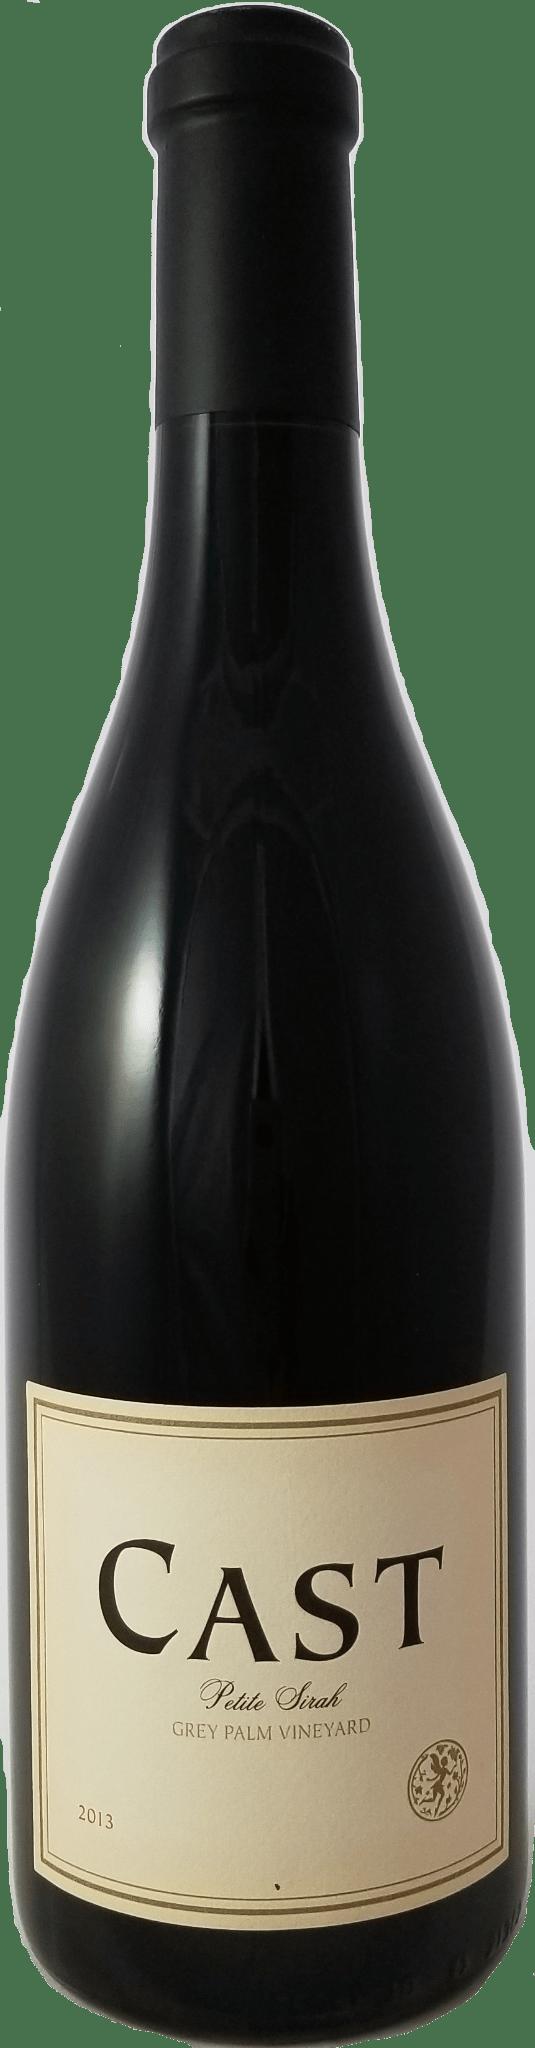 cast_ps_bottle2_0-1-1-1